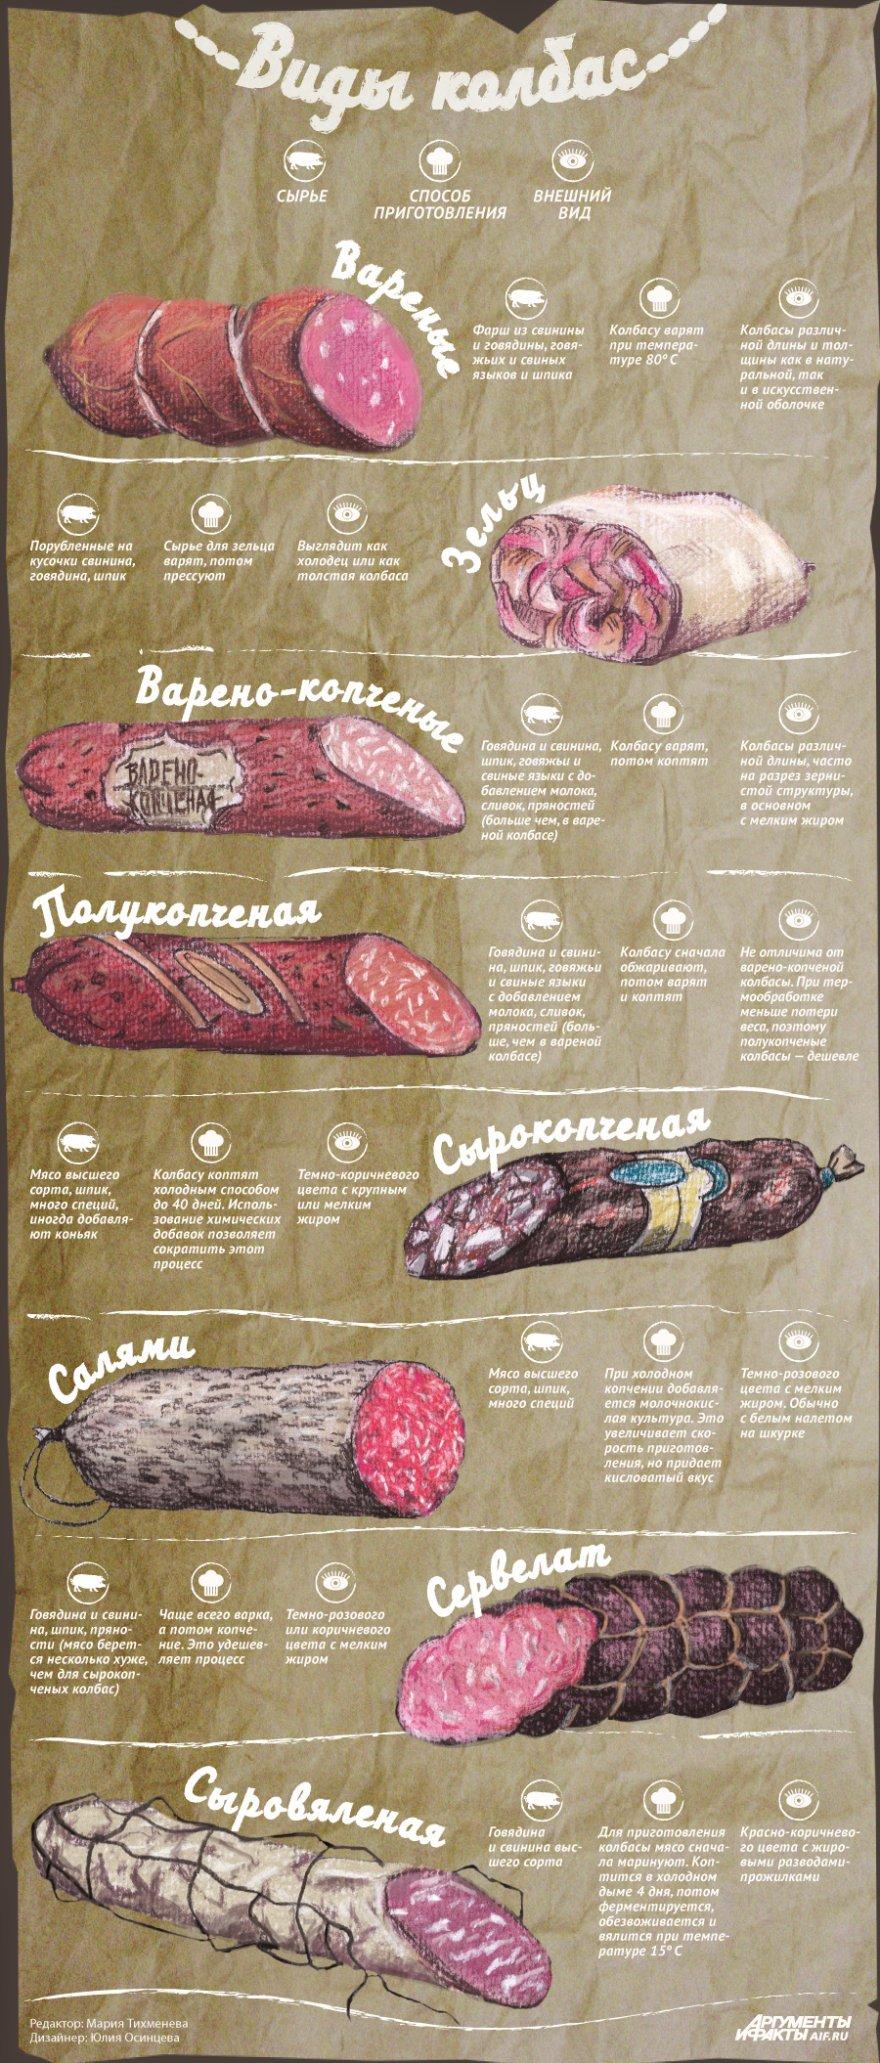 Какими бывают колбасы и чем они отличаются